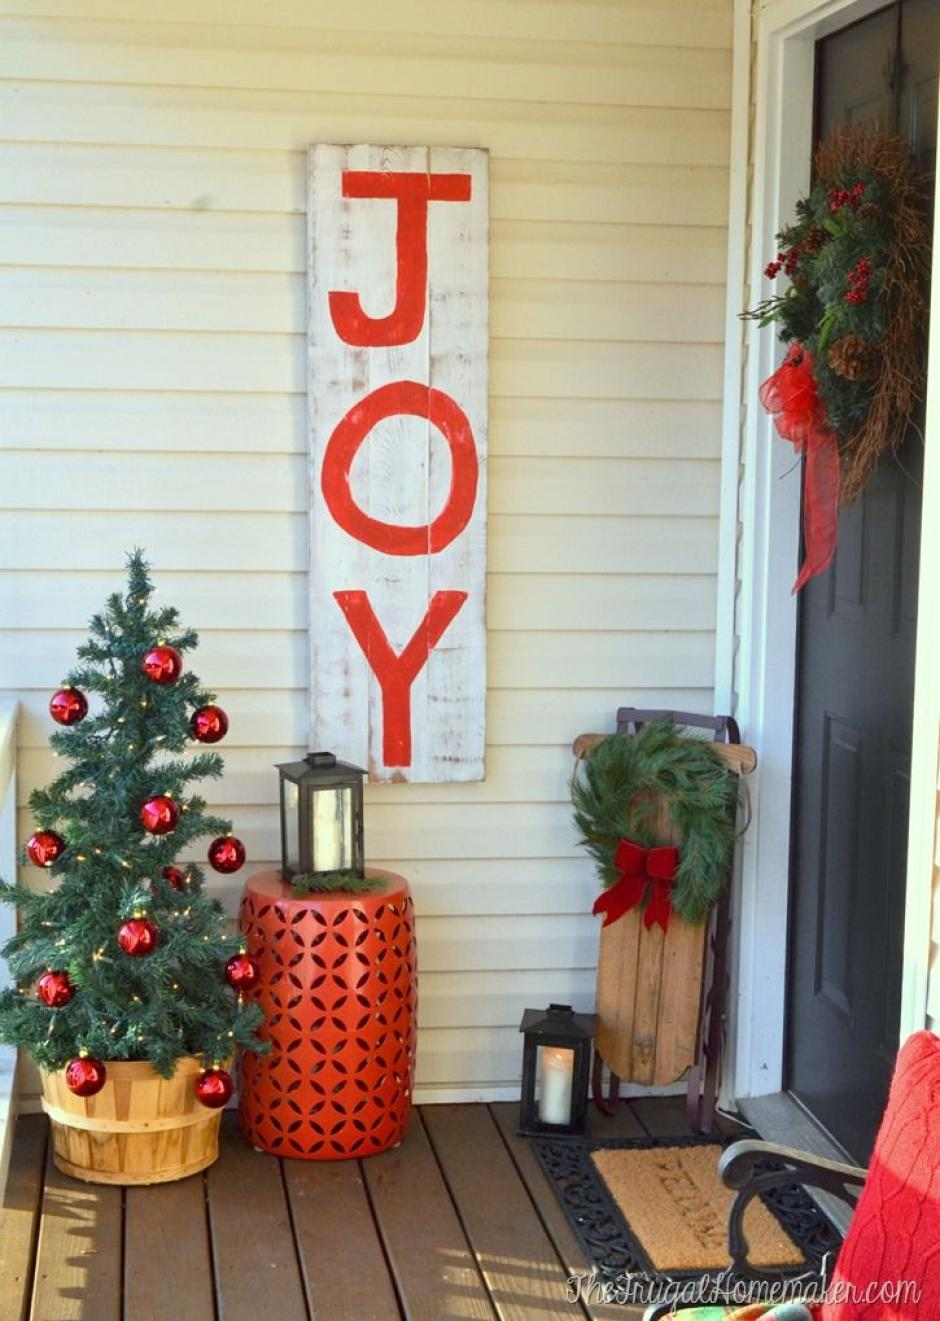 Una original decoracin navidea en la puerta de tu casa Soy502